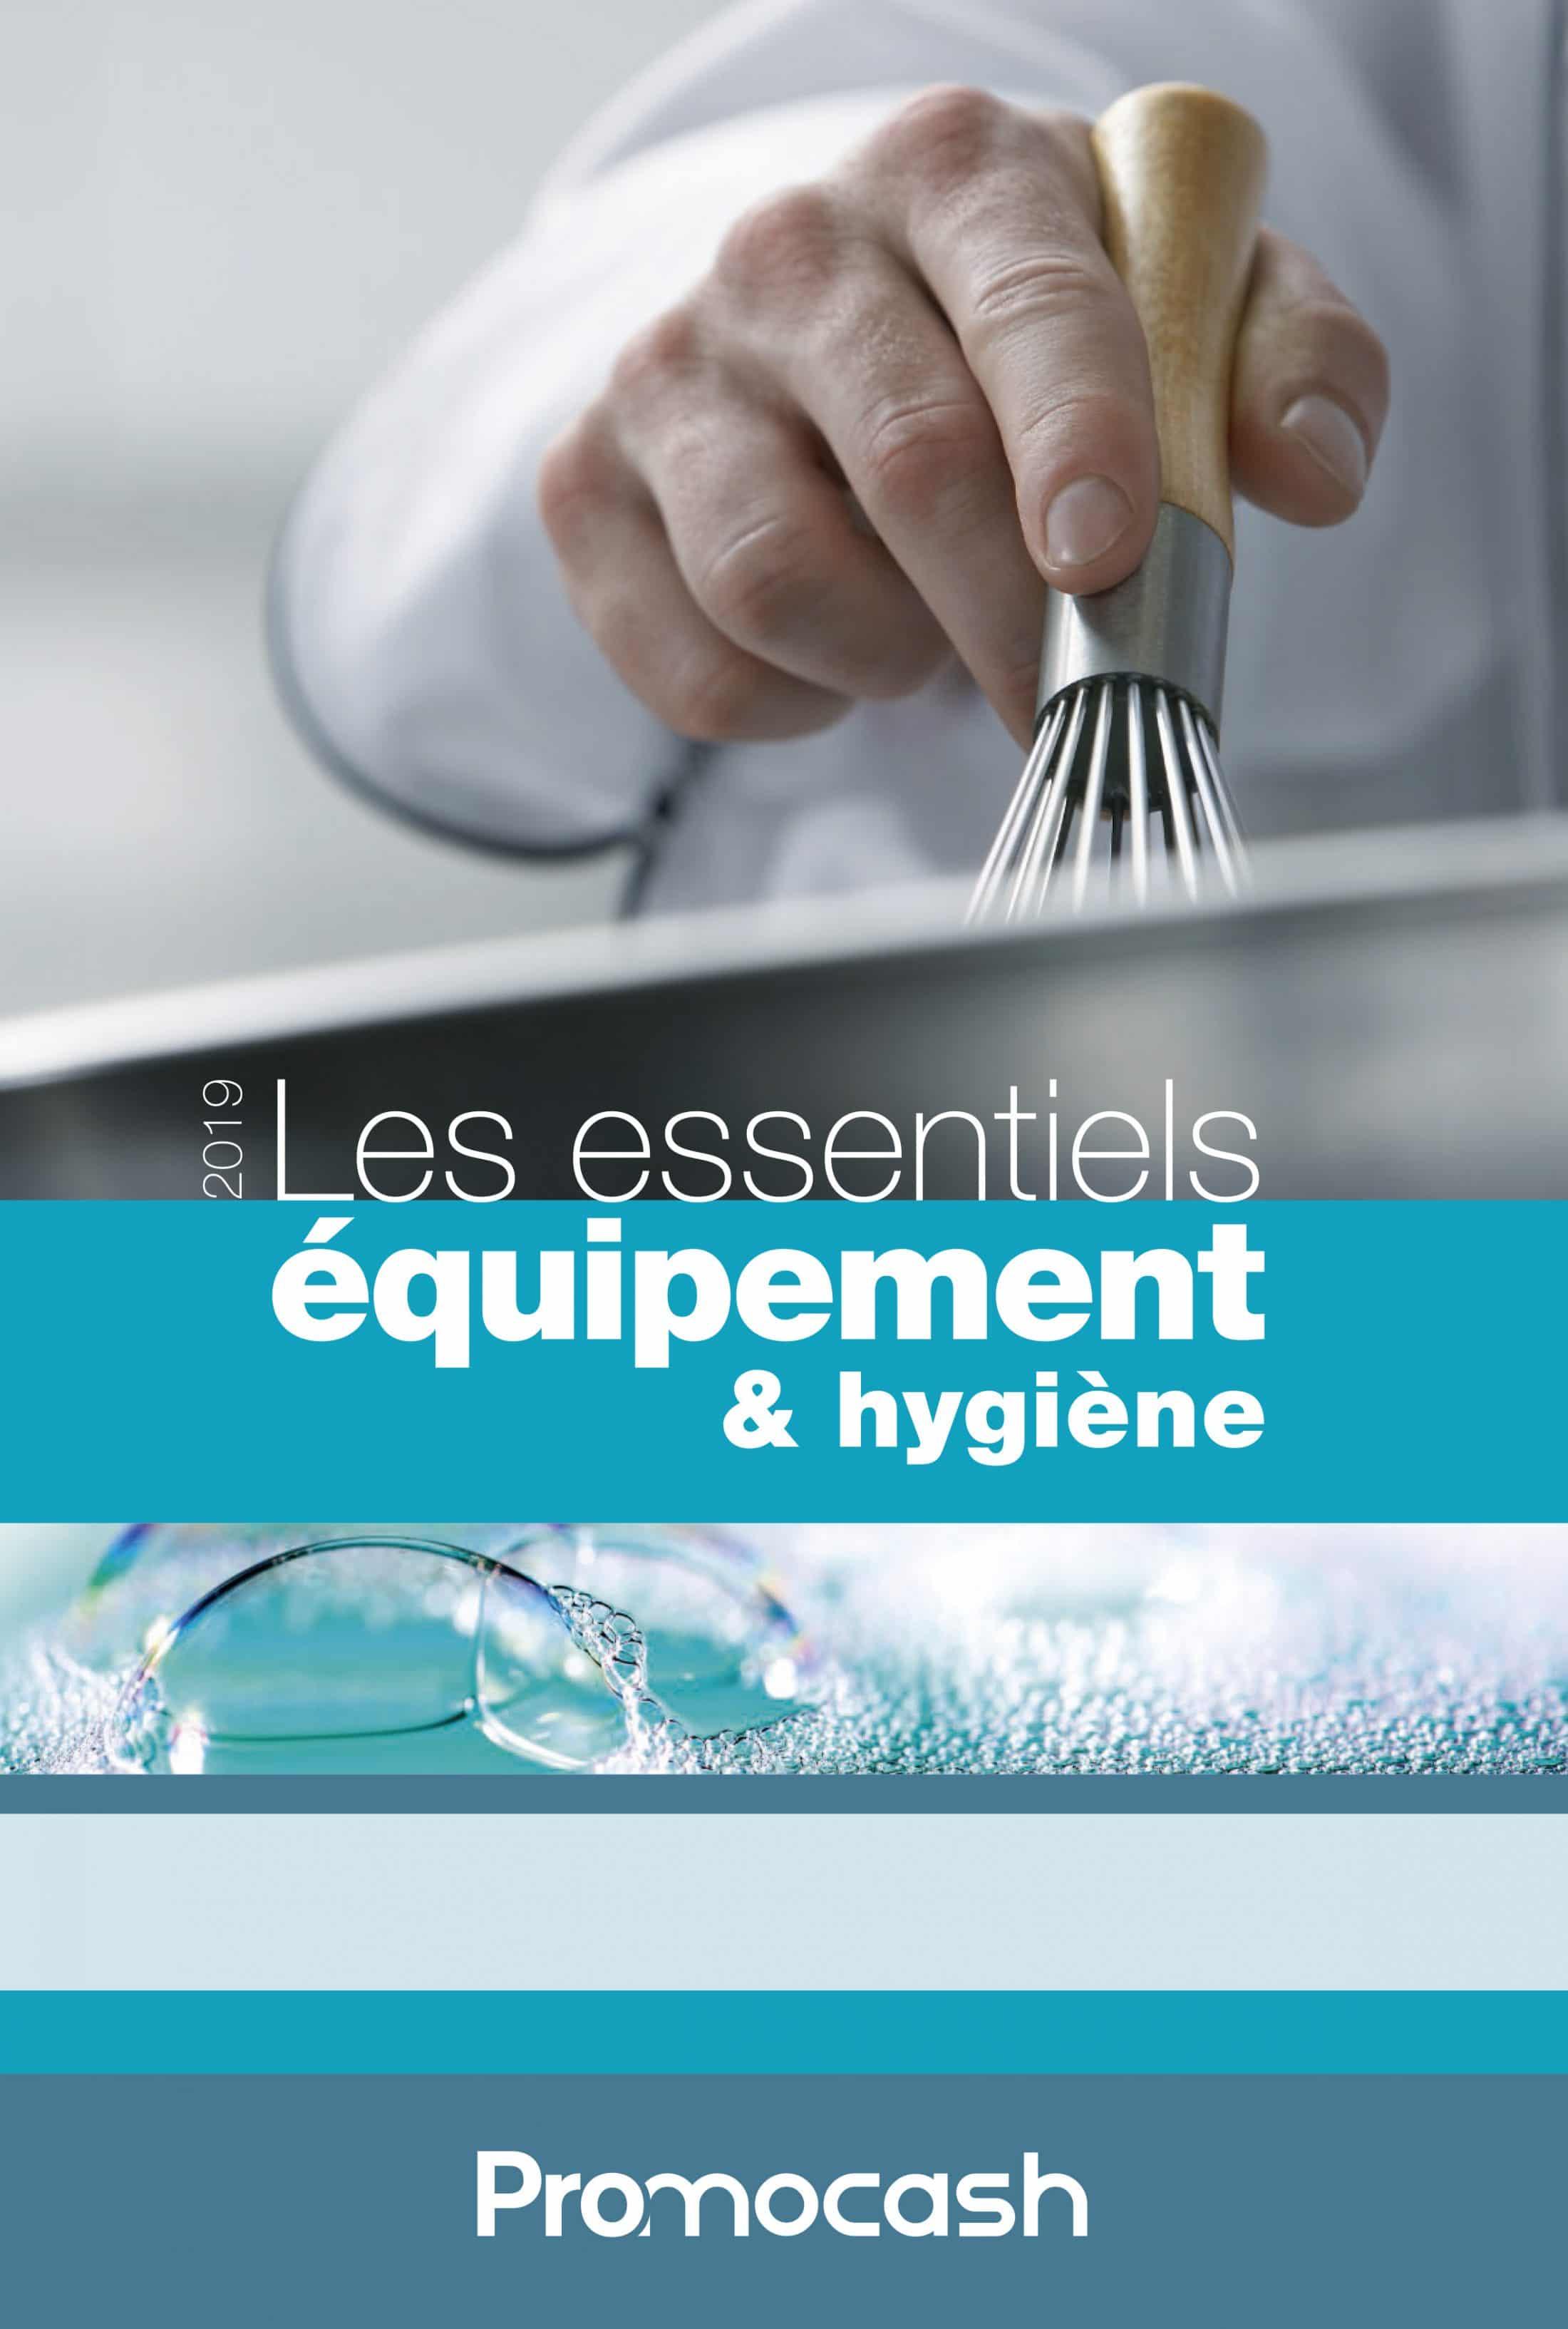 Les essentiels équipement et hygiène